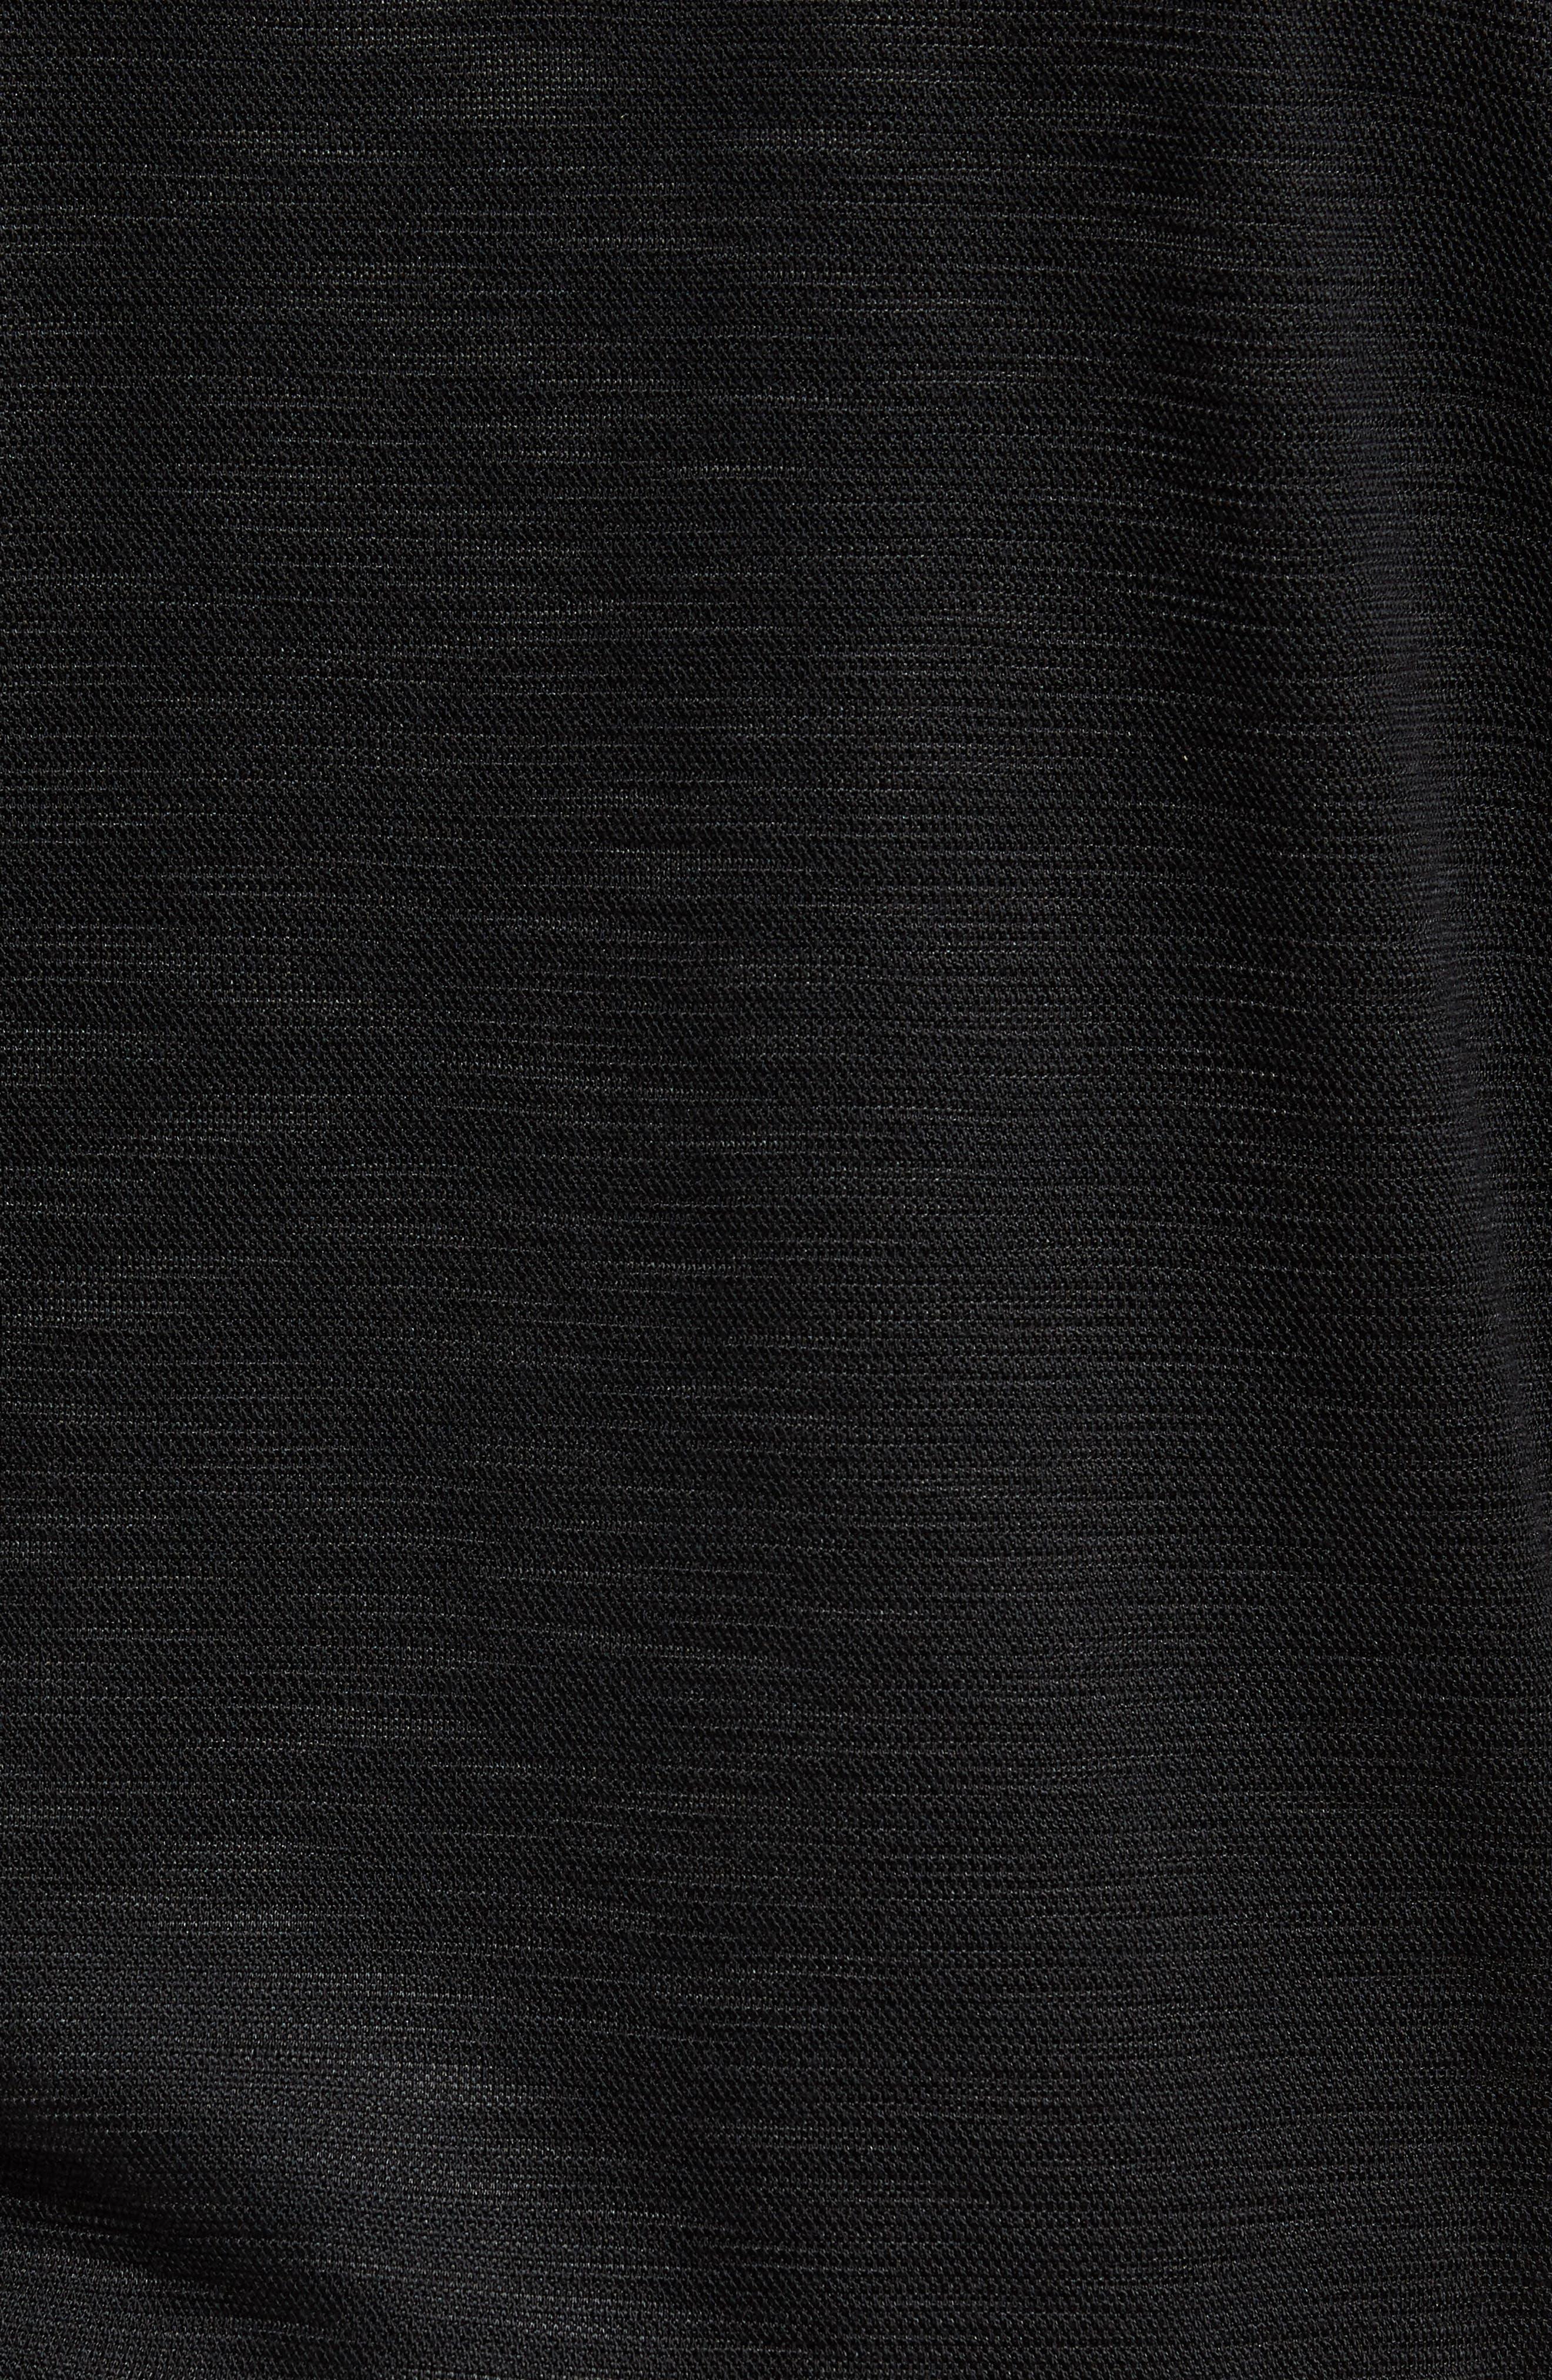 Gesso Slim Fit Bomber Jacket,                             Alternate thumbnail 5, color,                             Black